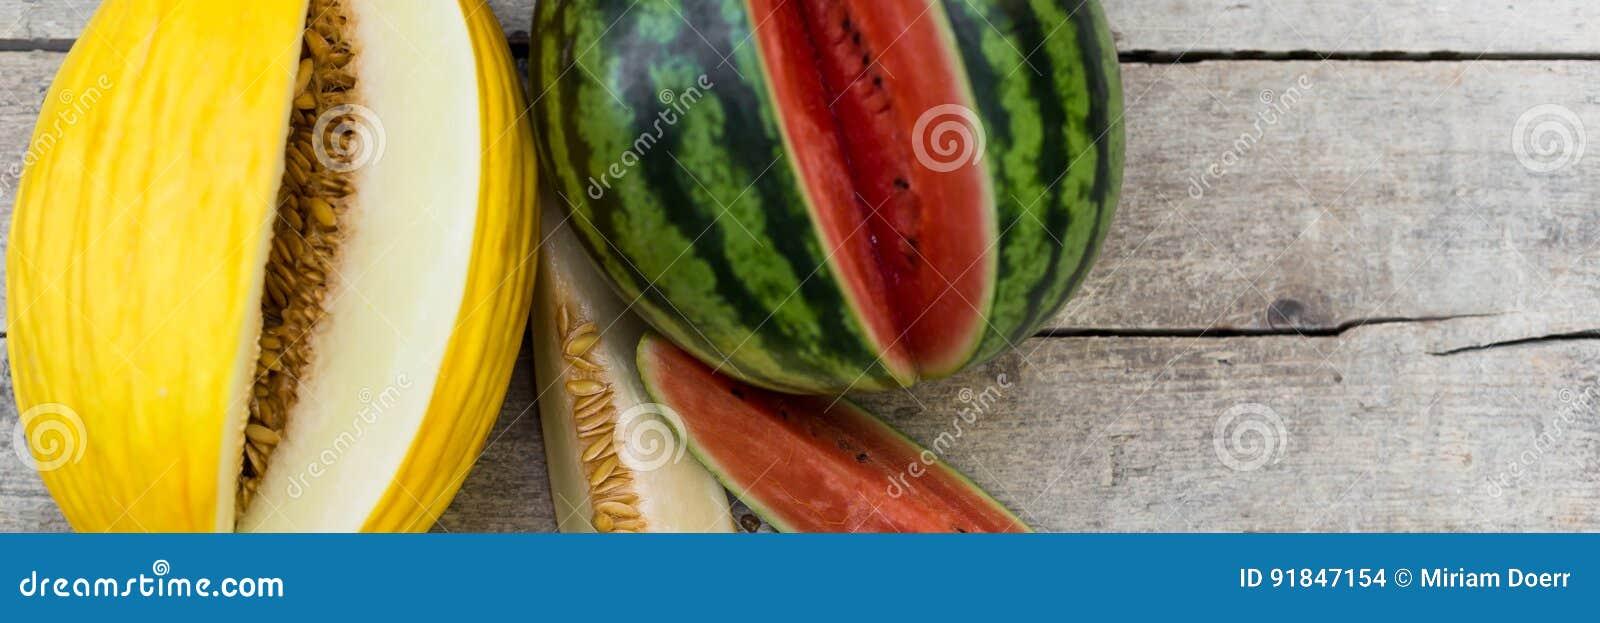 Melão da melancia e do canário